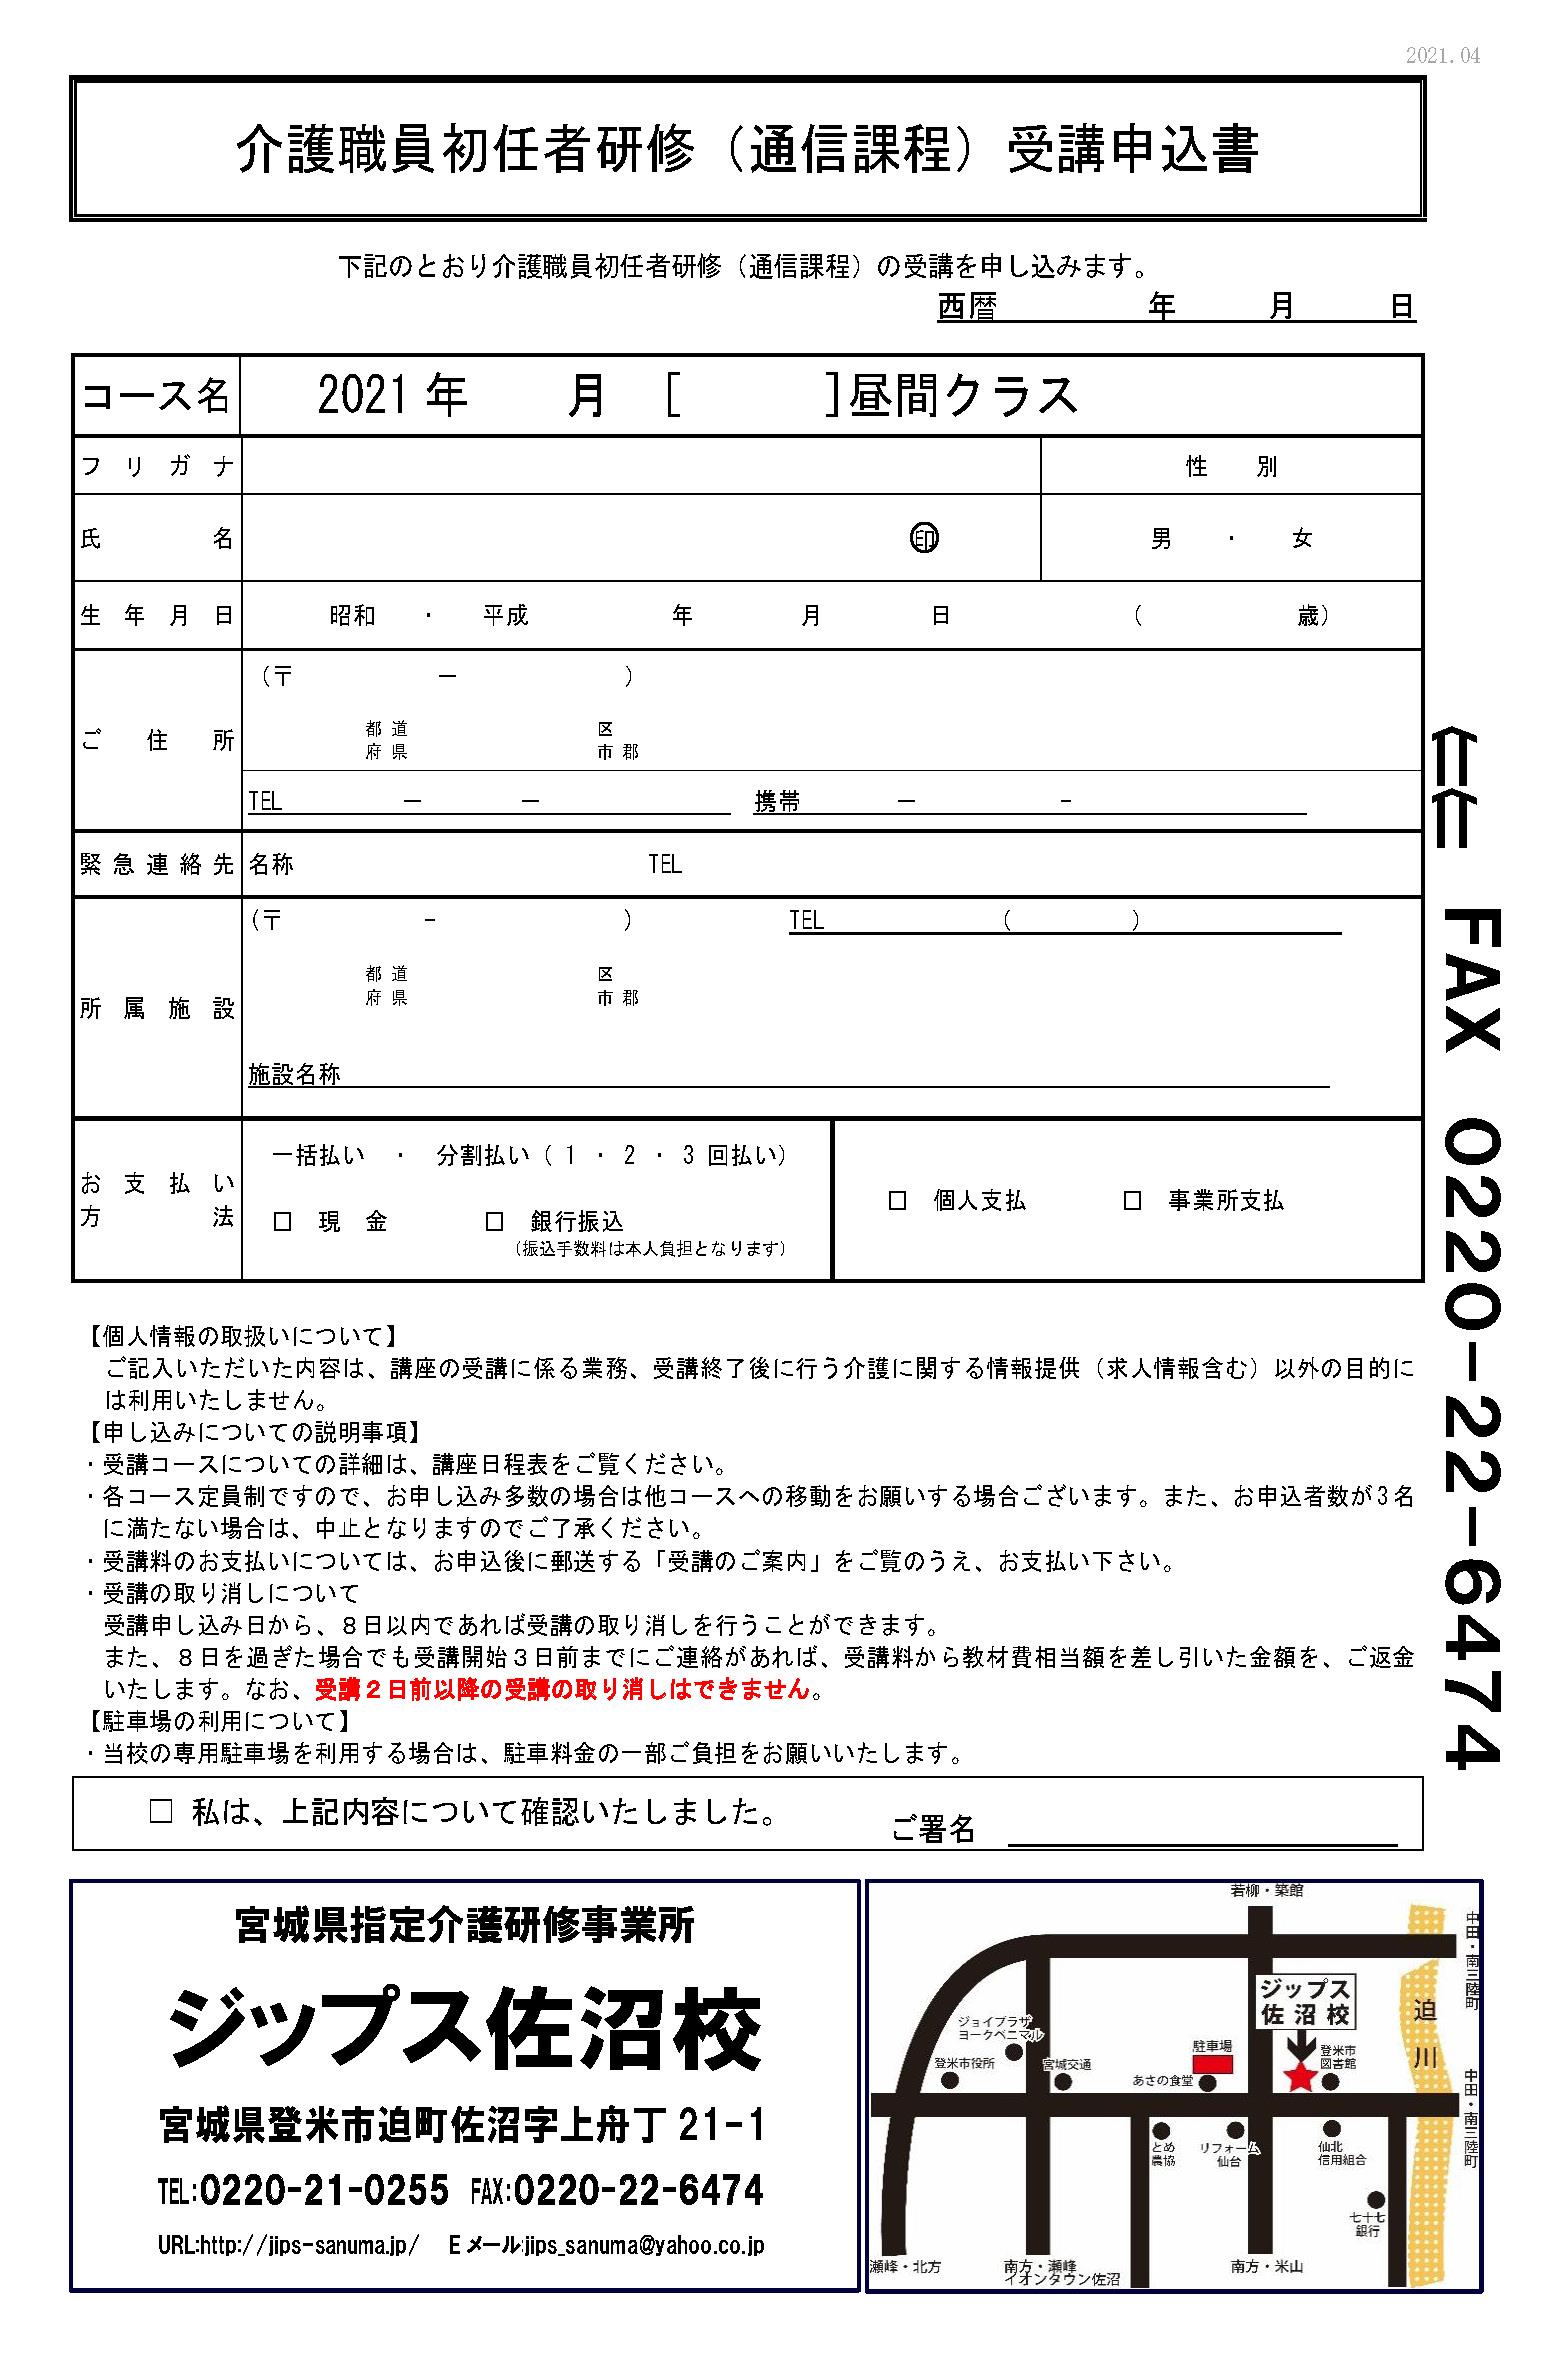 初任者研修募集チラシ2021年5月-7月_ページ_2